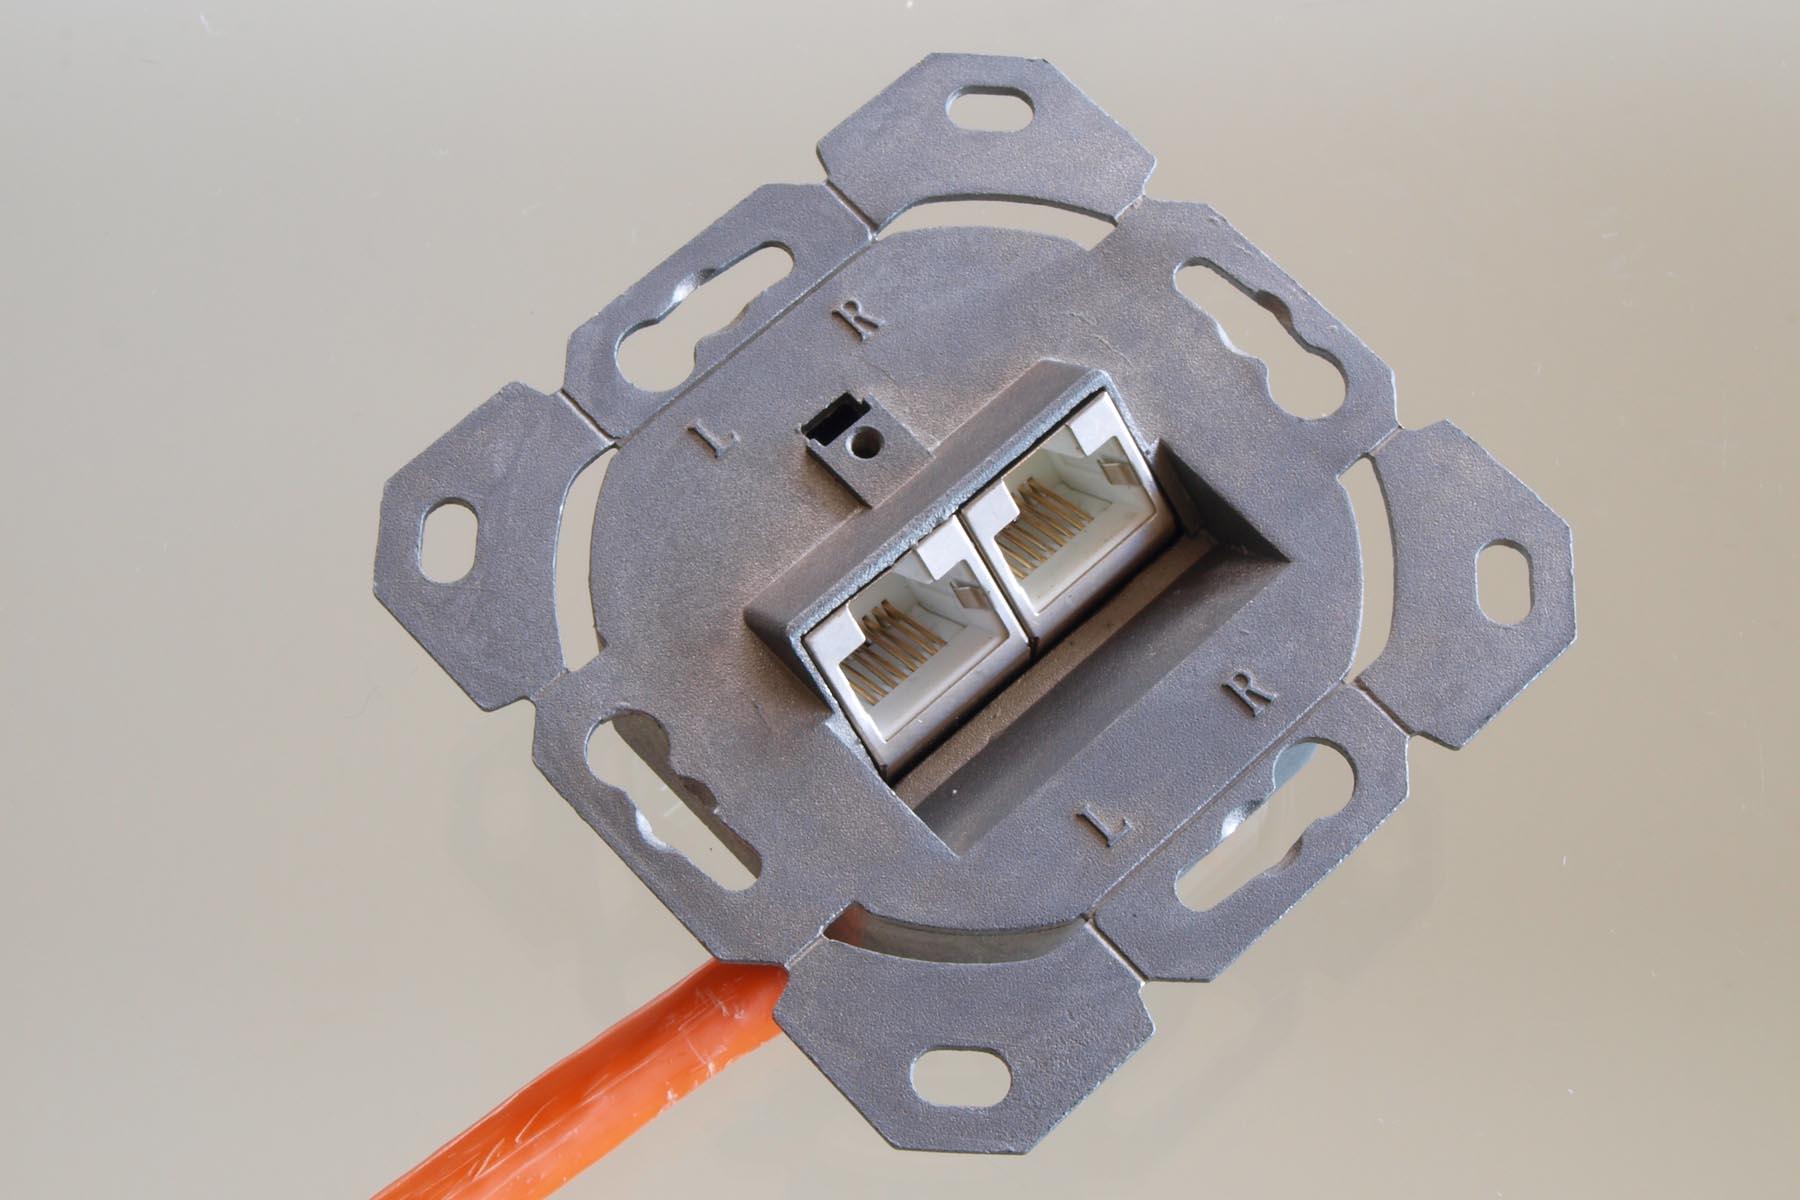 Netzwerkdose Cat 6a : ligawo 2 fach netzwerkdose cat 6a ap up test und rezensionen zu elektronik ~ Eleganceandgraceweddings.com Haus und Dekorationen